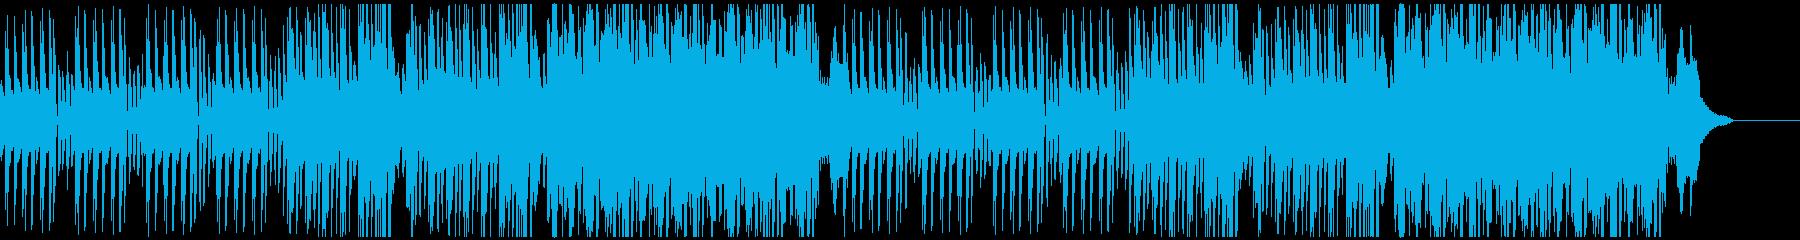 ギャグ、茶番に合うピアノ主体のBGMの再生済みの波形